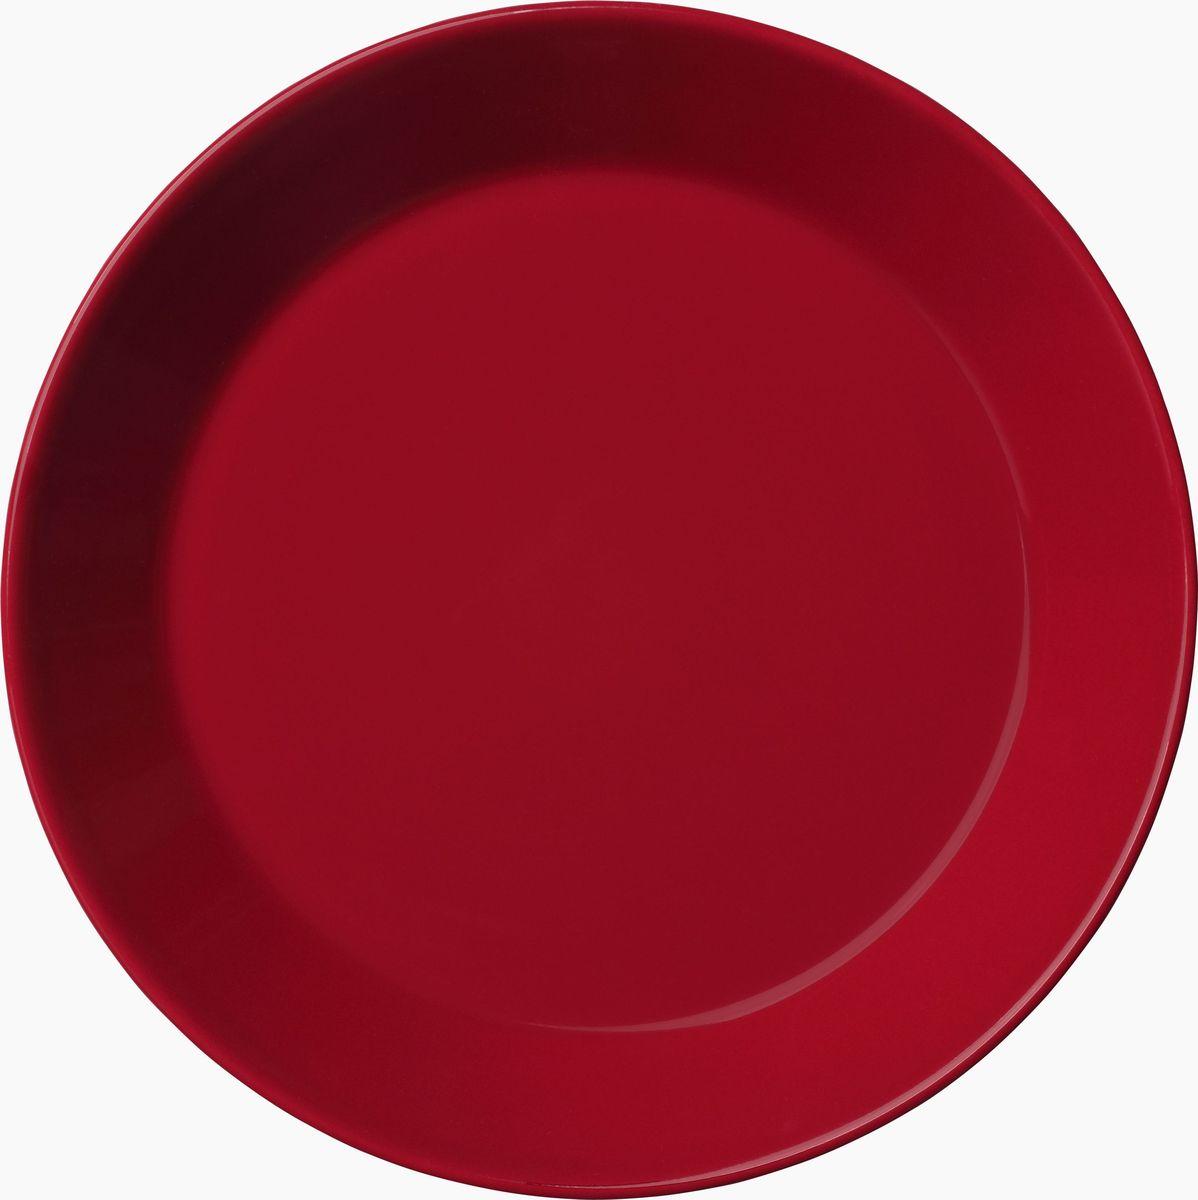 Тарелка Iittala Teema, цвет: красный, диаметр 17 см1006016Тарелка Iittala Teema выполнена из качественного жароустойчивого прочного фарфора с долговечным стекловидным эмалевым покрытием.Можно мыть в посудомоечной машине. Диаметр: 17 см.